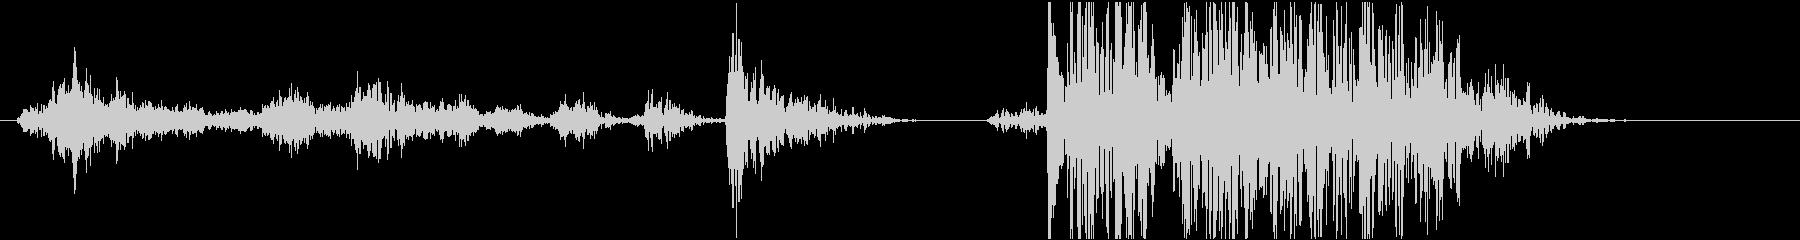 キーーバタン(扉の閉める音)の未再生の波形